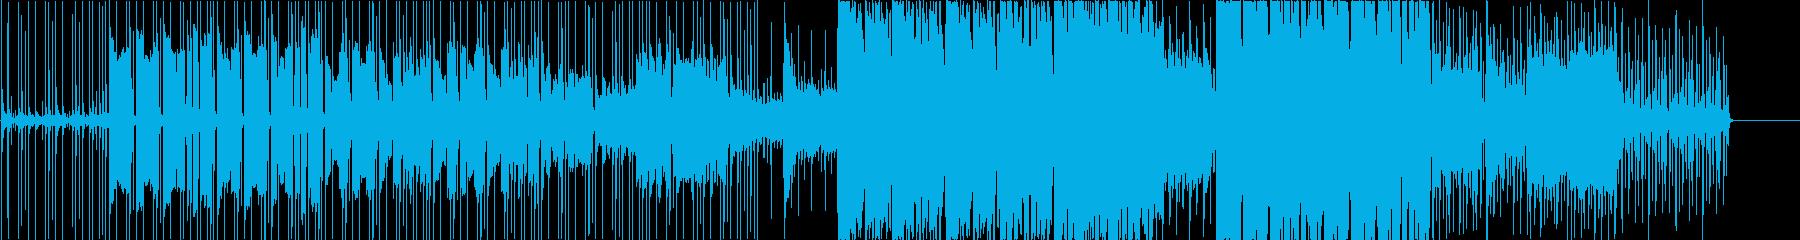 ケルト系の笛できらきらしたカーニバルの再生済みの波形